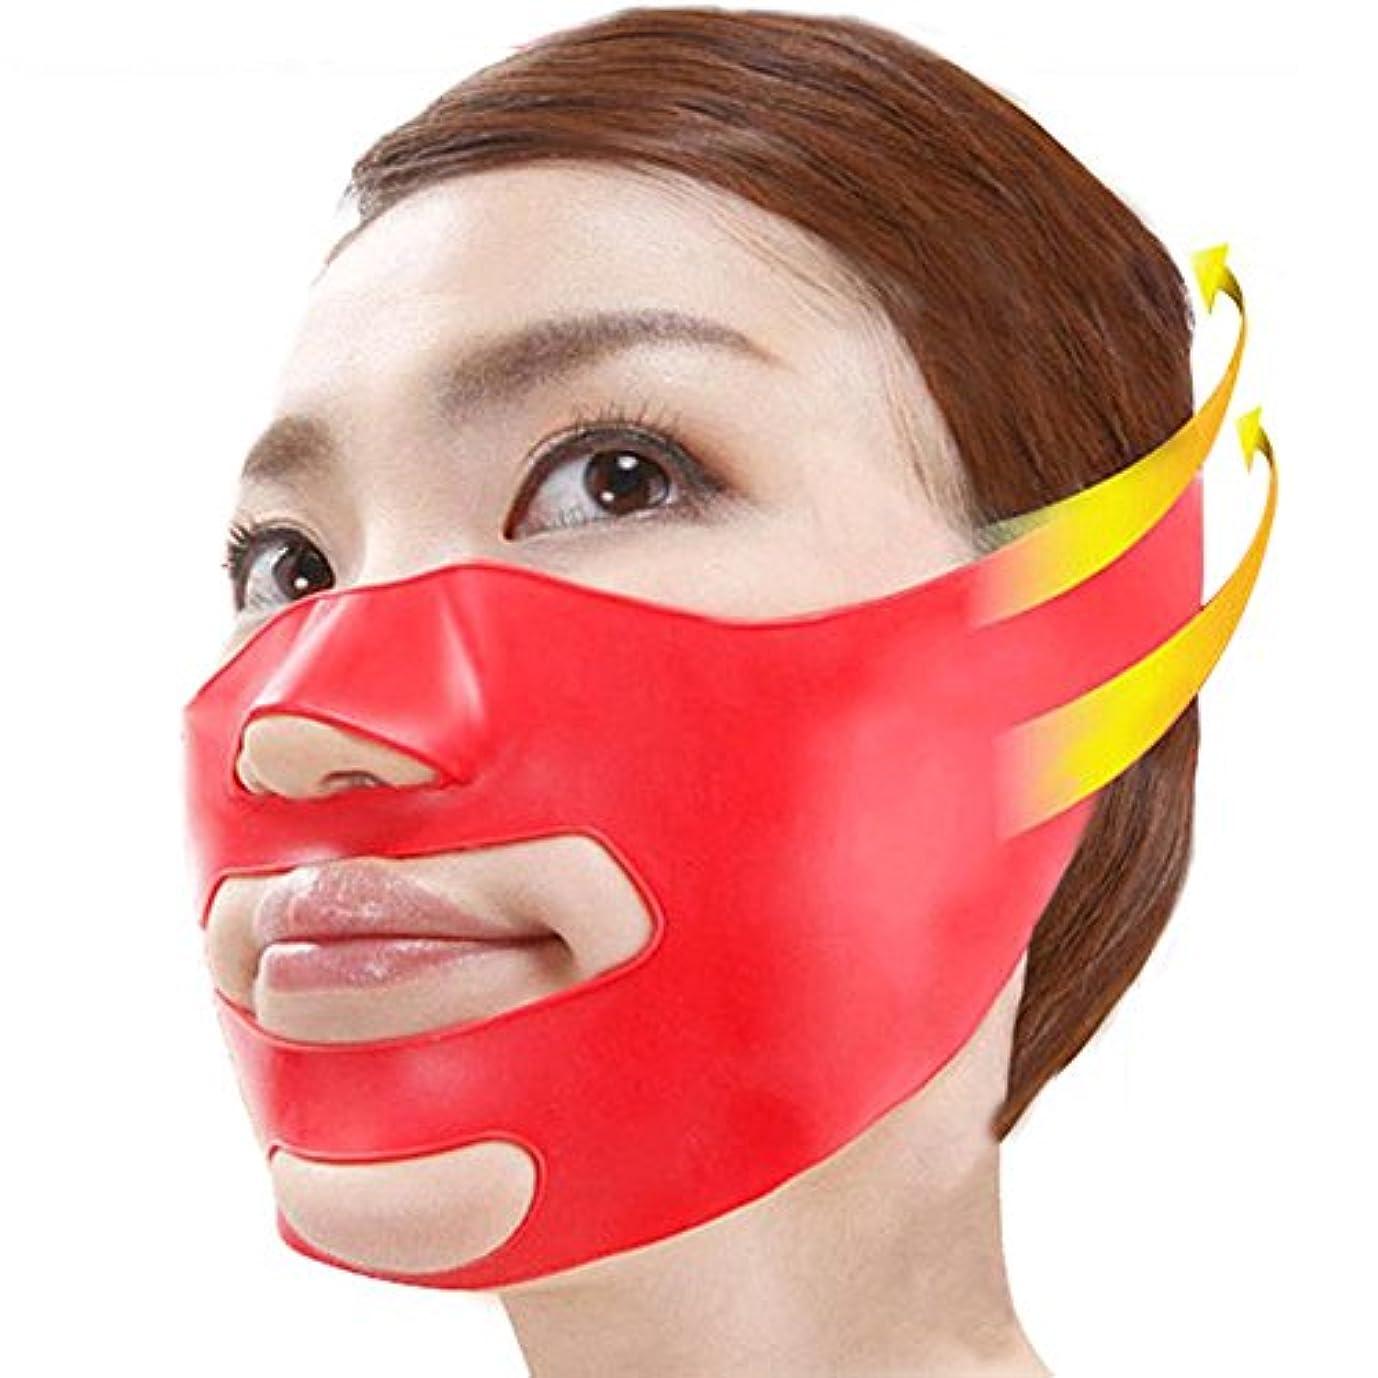 コンソール付属品閉塞3D 小顔 マッサージグッズ フェイスマスク 美容 顔痩せ ほうれい線 消す グッズ 美顔 矯正 (フリーサイズ, レッド)